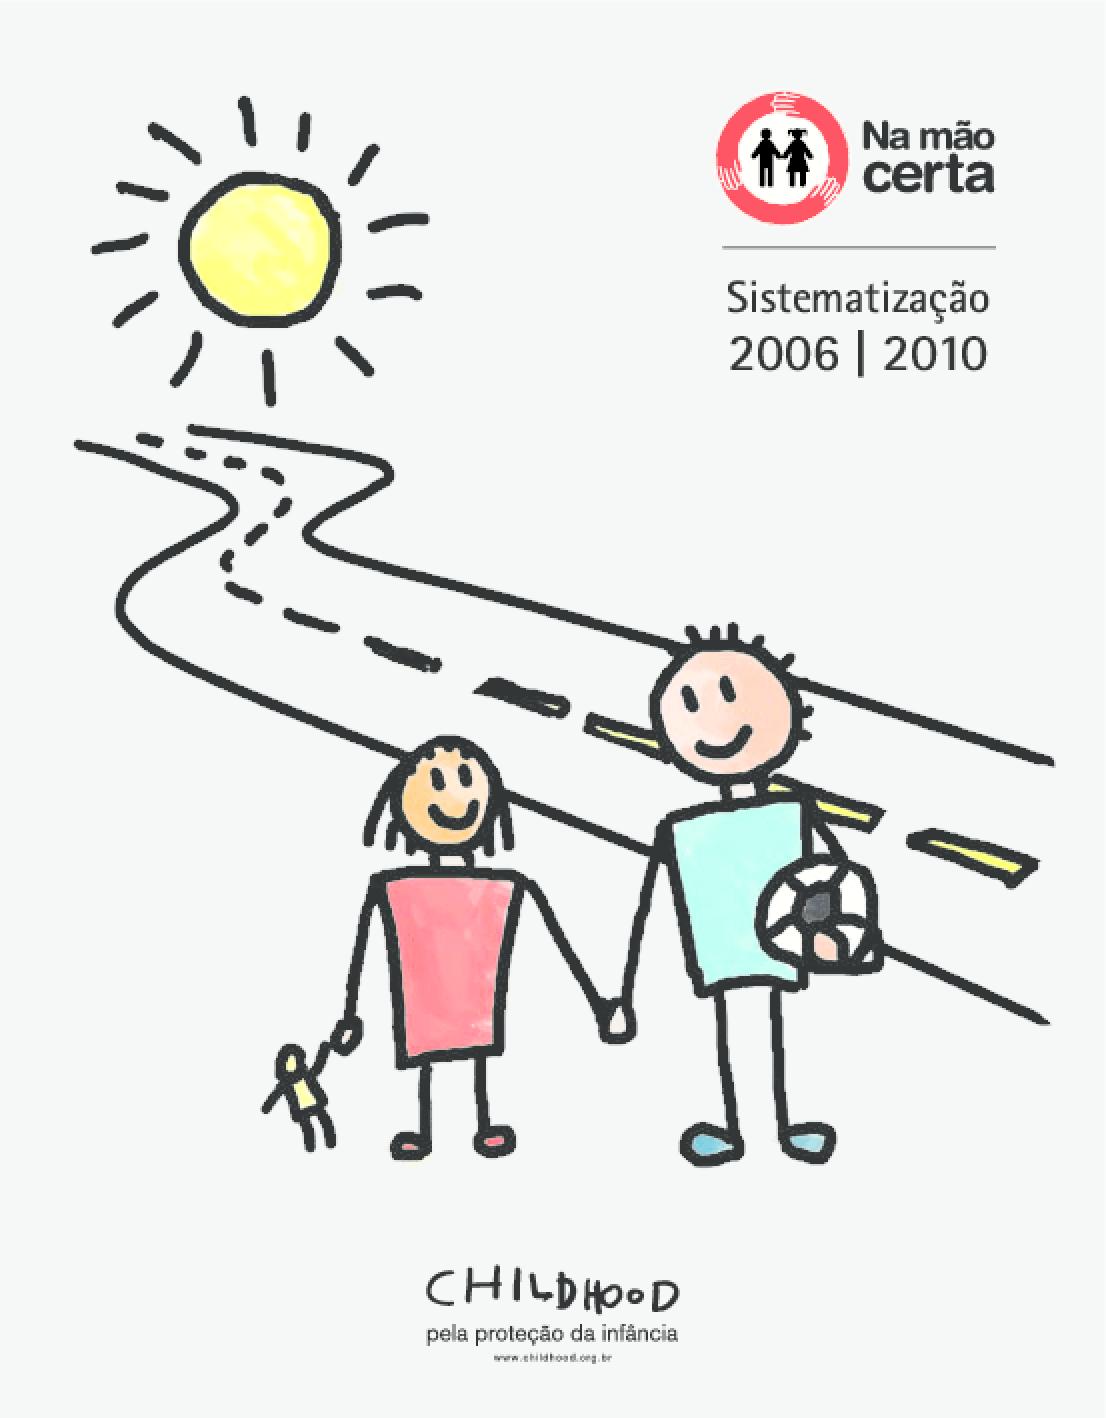 Sistematização 2006-2010: Programa Na Mão Certa